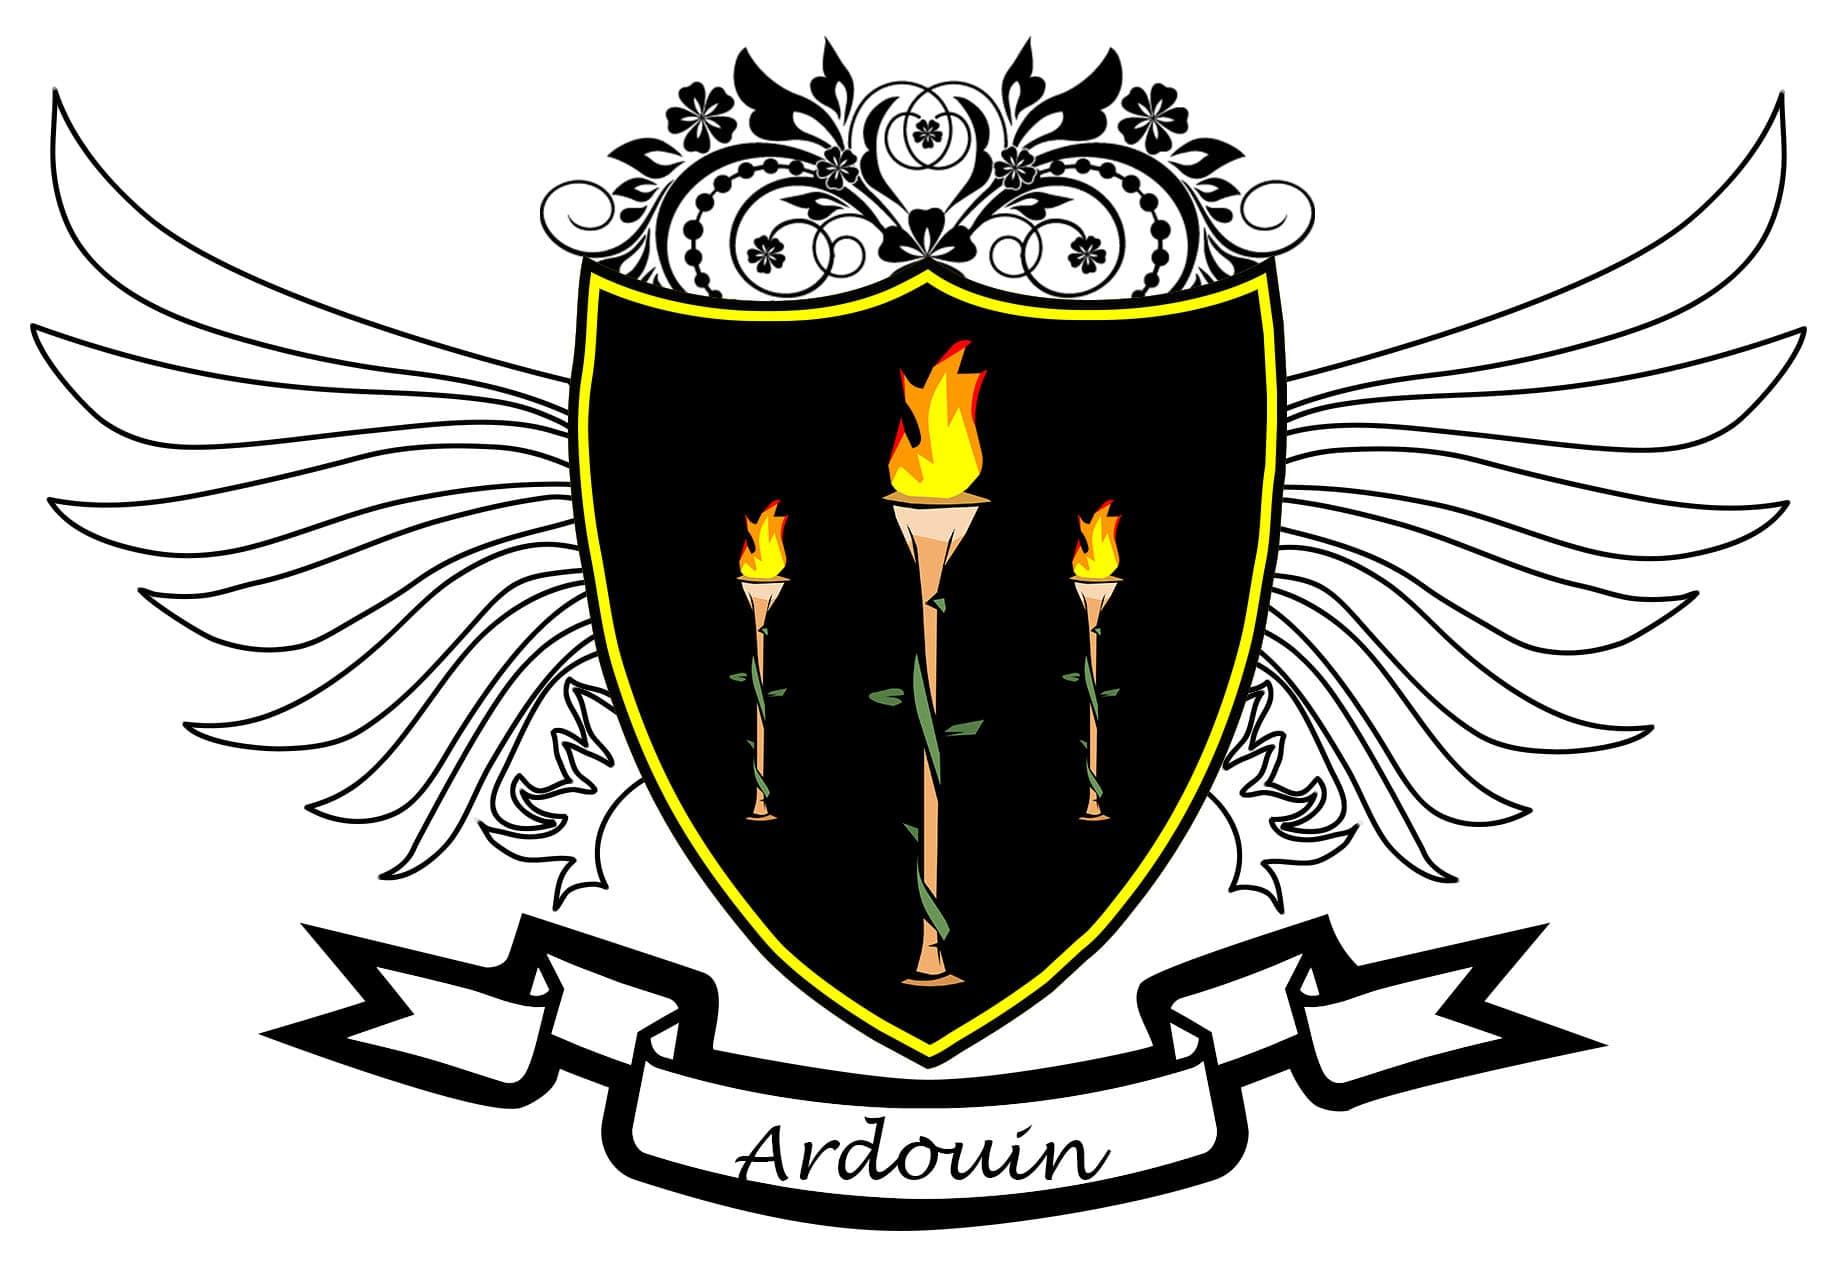 Ardouin.jpg